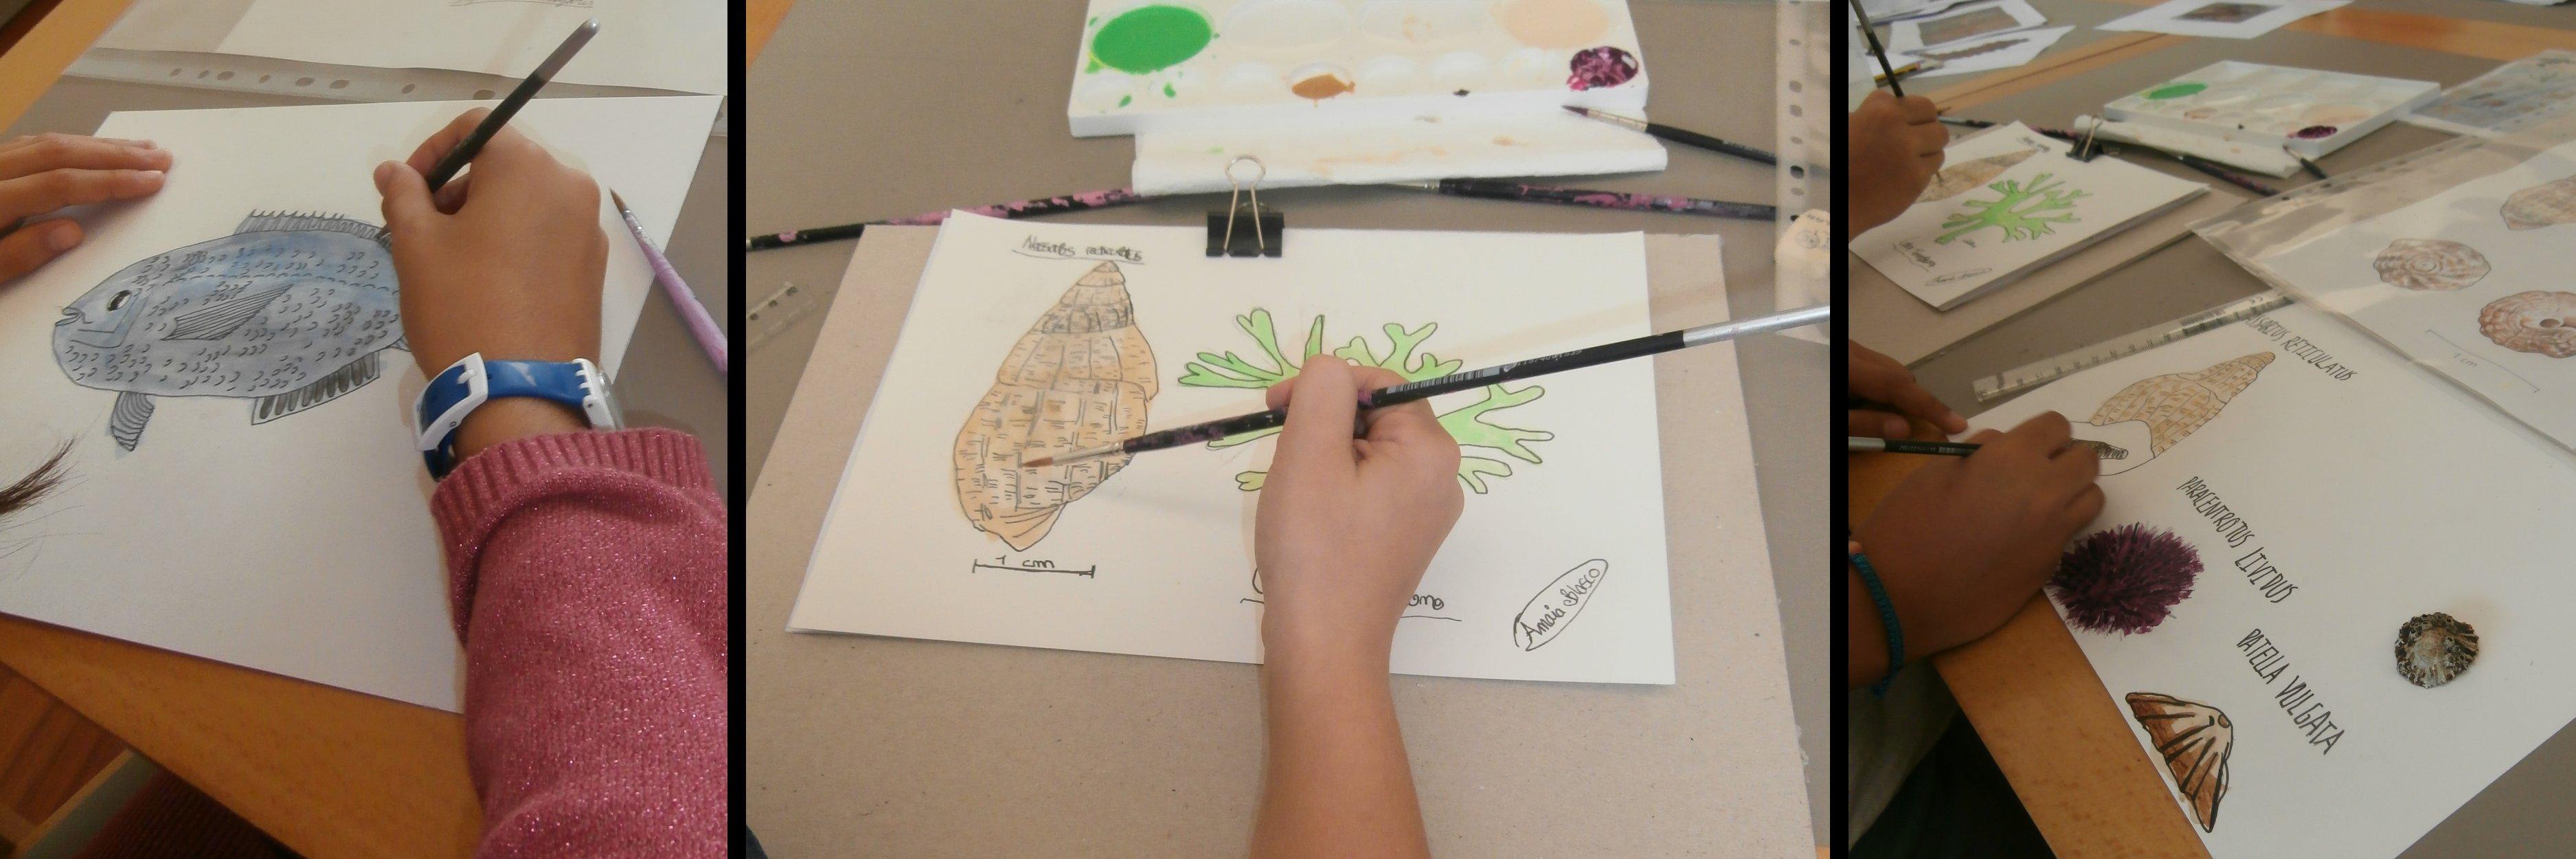 Fotografia de dibujos de niños